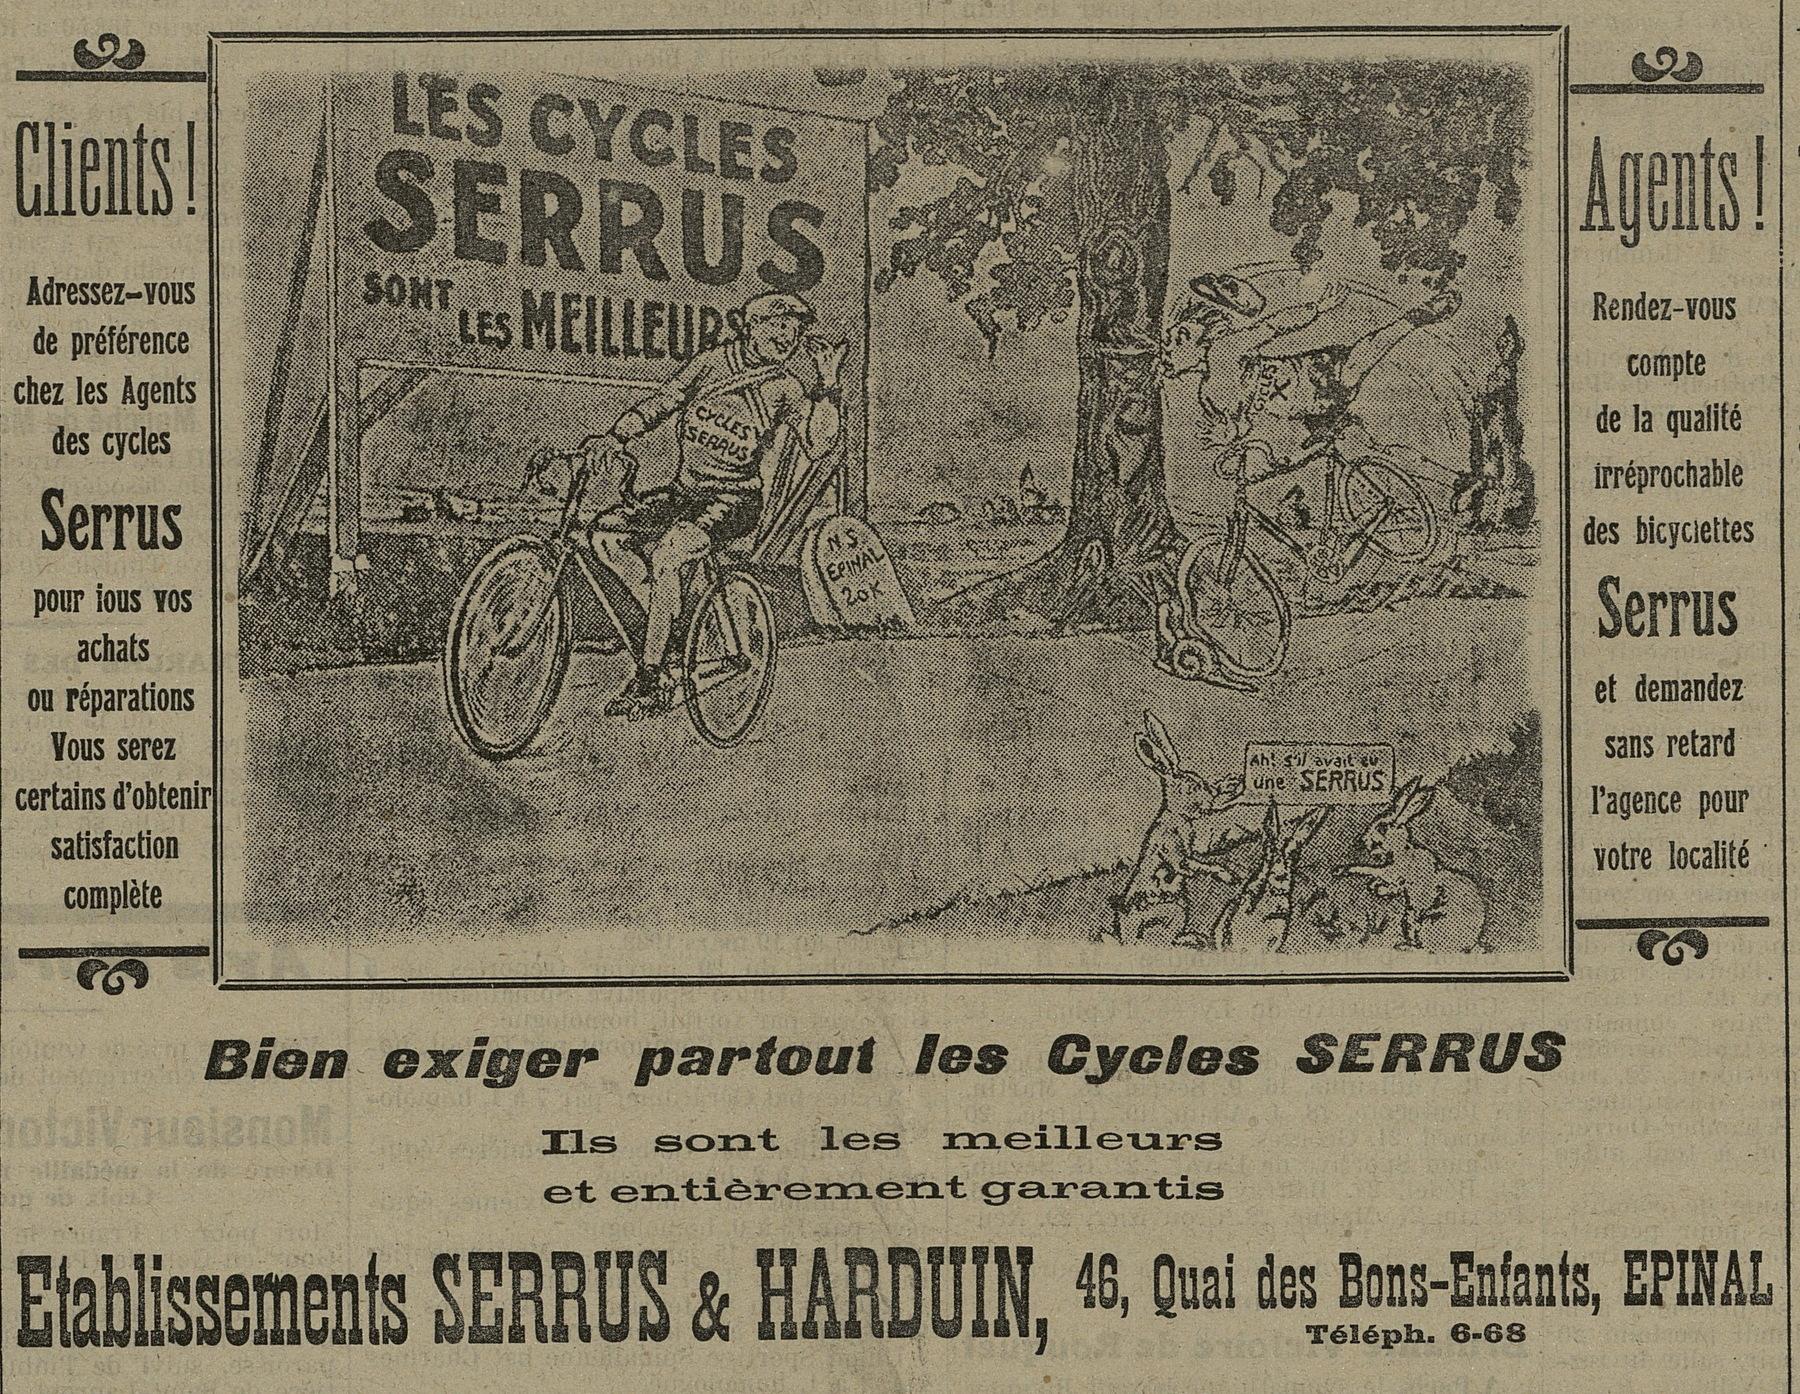 Contenu du Serrus